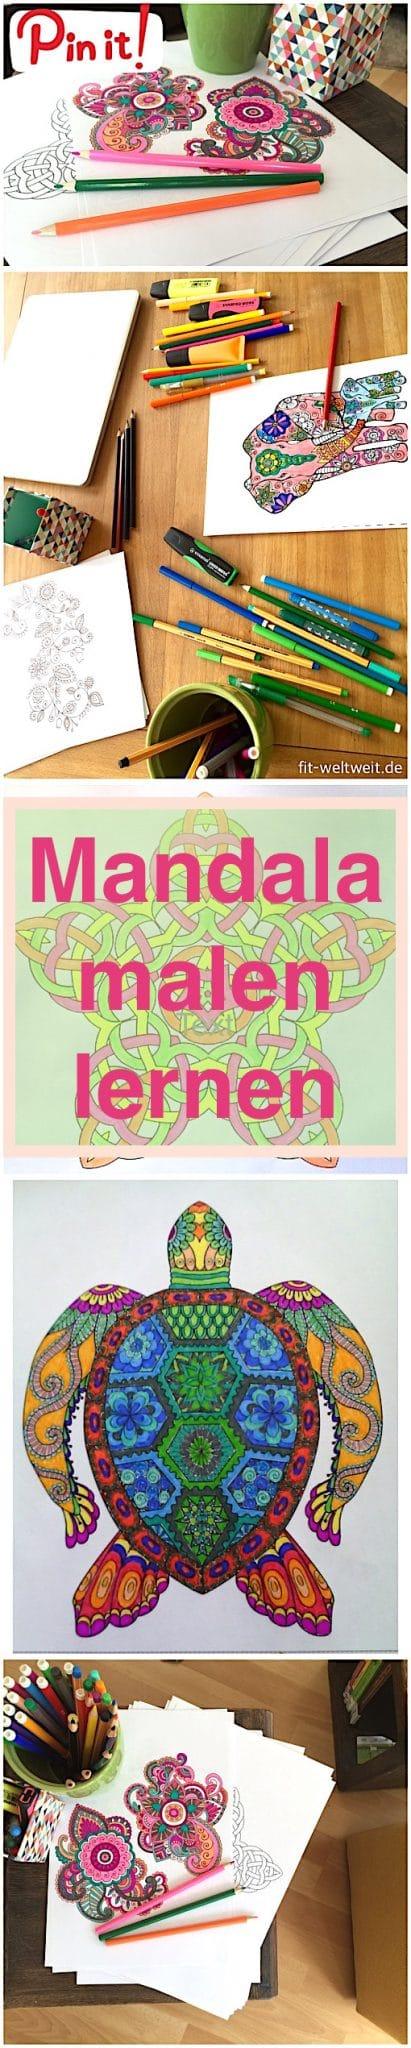 Mandala malen für Erwachsene als Entspannung - das beste was es für die Seele gibt. Stress abbauen und dabei den Kopf freimachen. Gut für Erwachsen, für Kinder, aber besonders auch für Senioren. Die Anleitung und auch DIY Videos zum selber Mandala erstellen findest du in diesem ausführlichen Blogpost. :-)Mandala malen für Erwachsene als Entspannung - Stress abbauen ud entspannen. Gut für Erwachsen, Kinder und Senioren. Die Anleitung und auch DIY Videos ... Mandala malen für Erwachsene als Entspannung (Anleitung, Video und DIY)